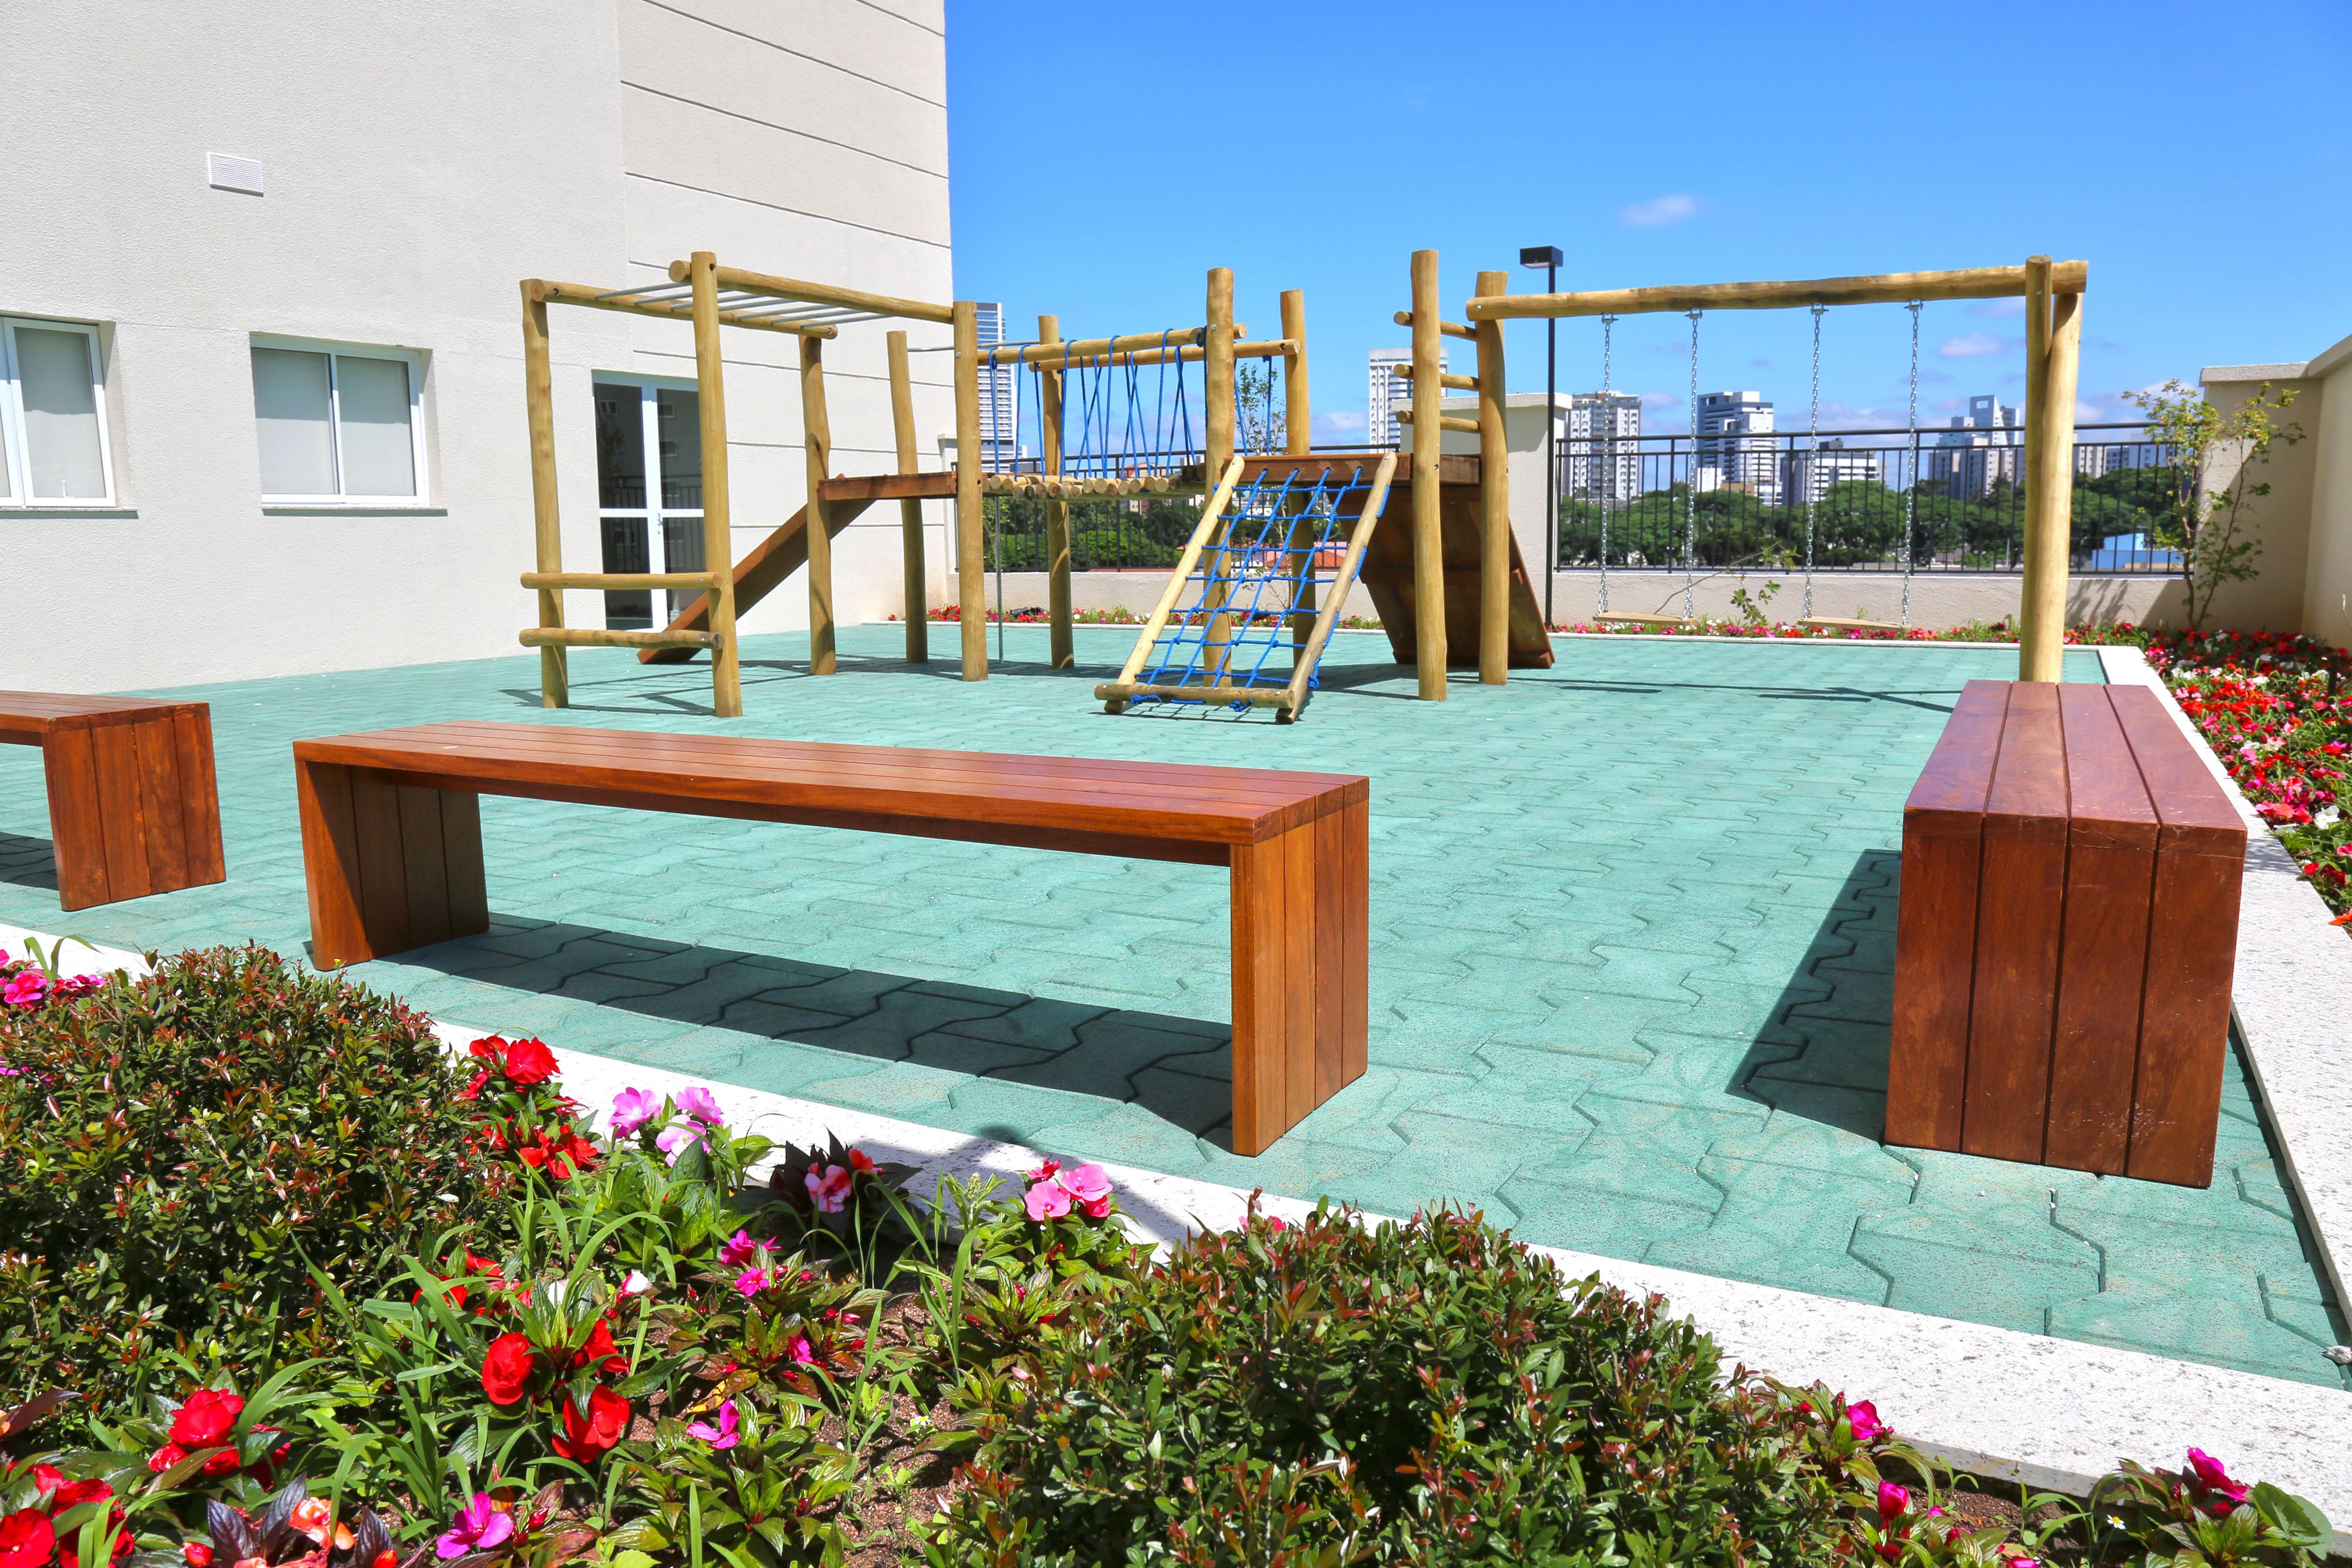 Playground - HUB - Home - Tecnisa